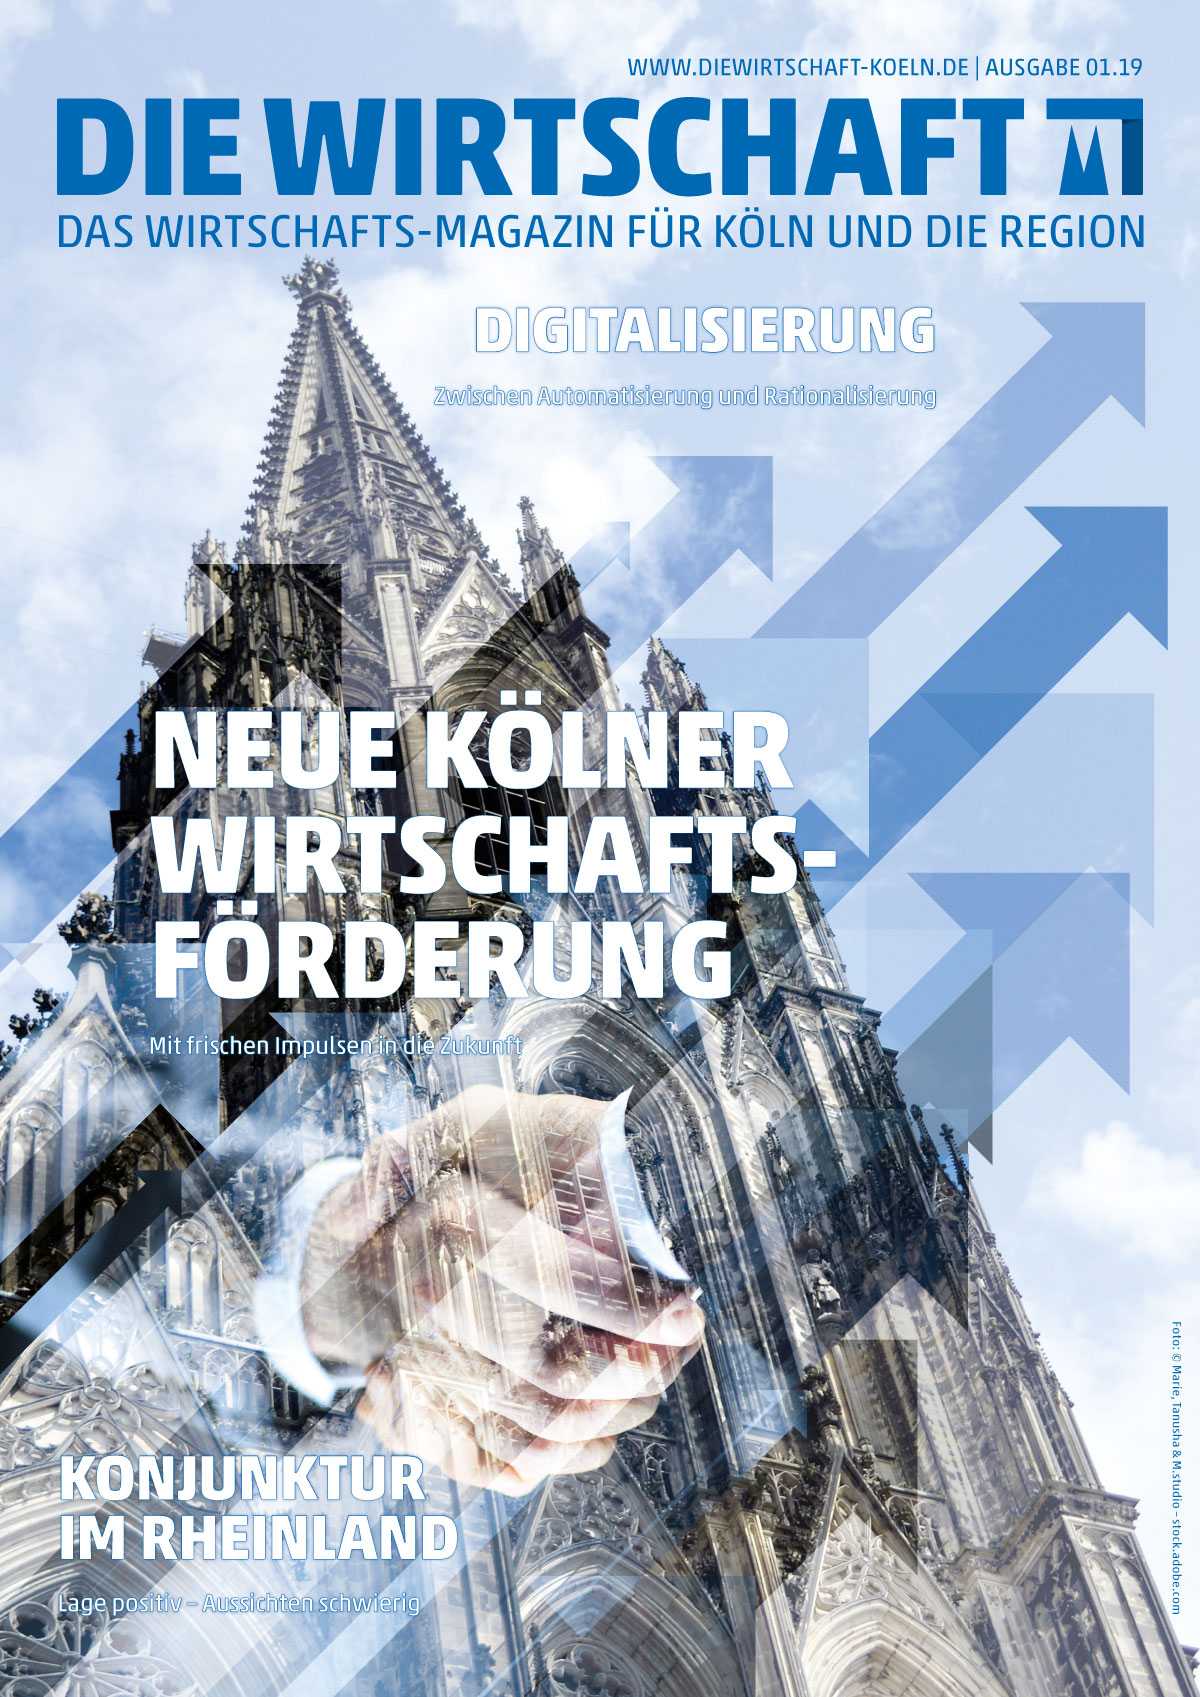 Die Wirtschaft 01.19 Cover